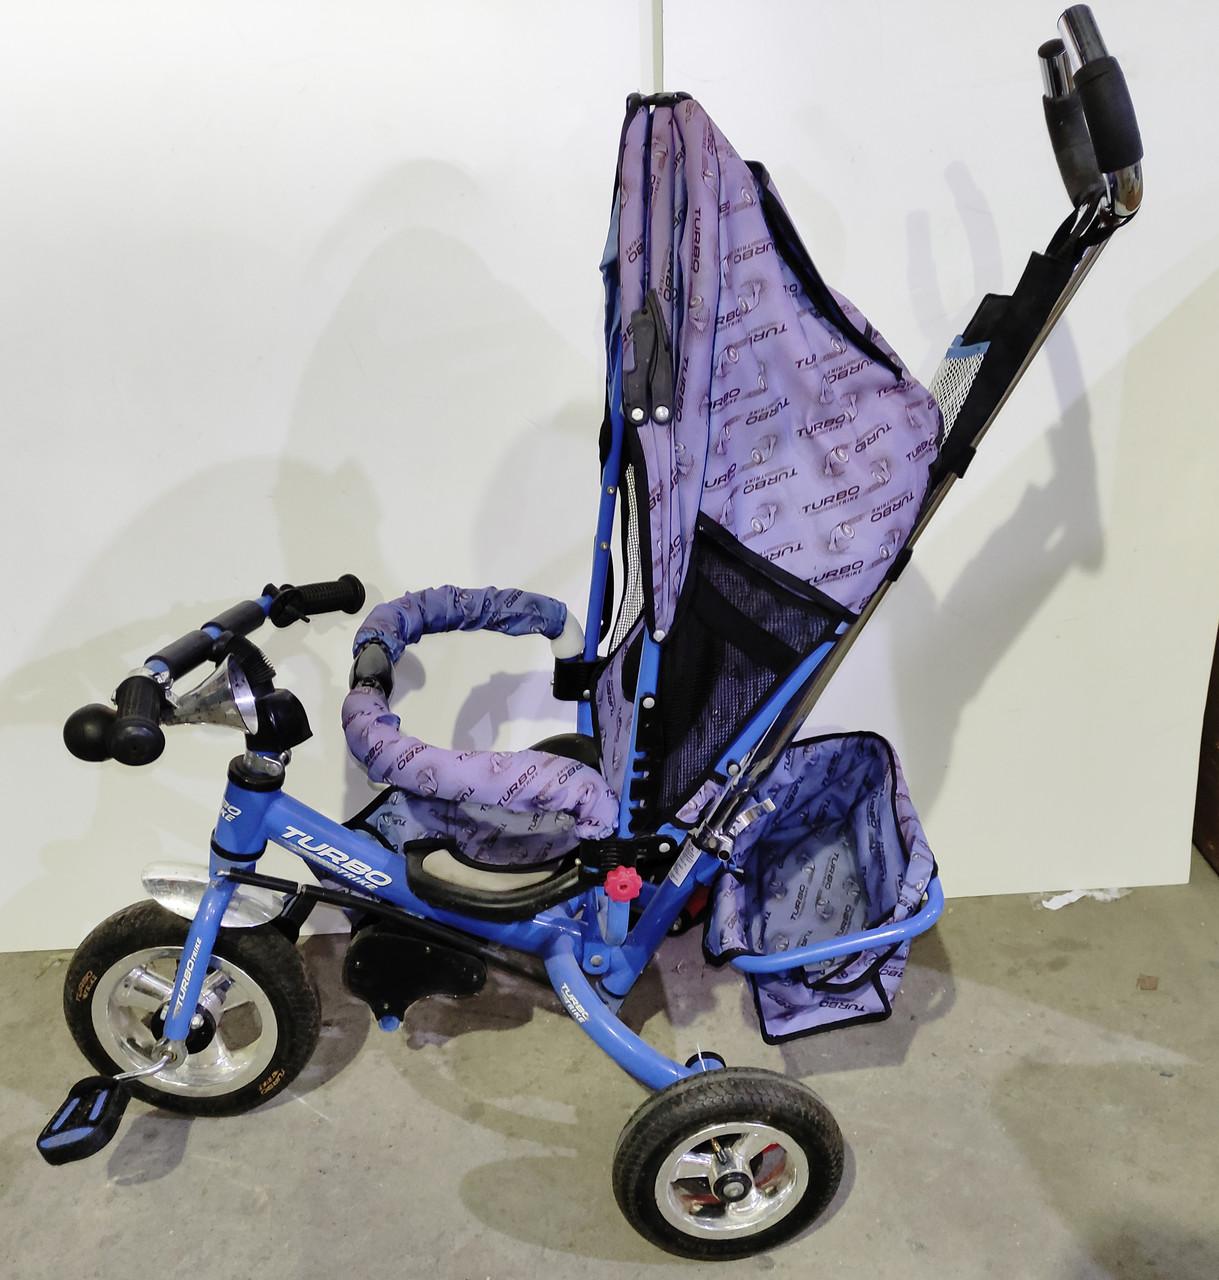 Б/У Велосипед трехколесный с родительской ручкой Turbo Trike синий. Одно колесо пробито